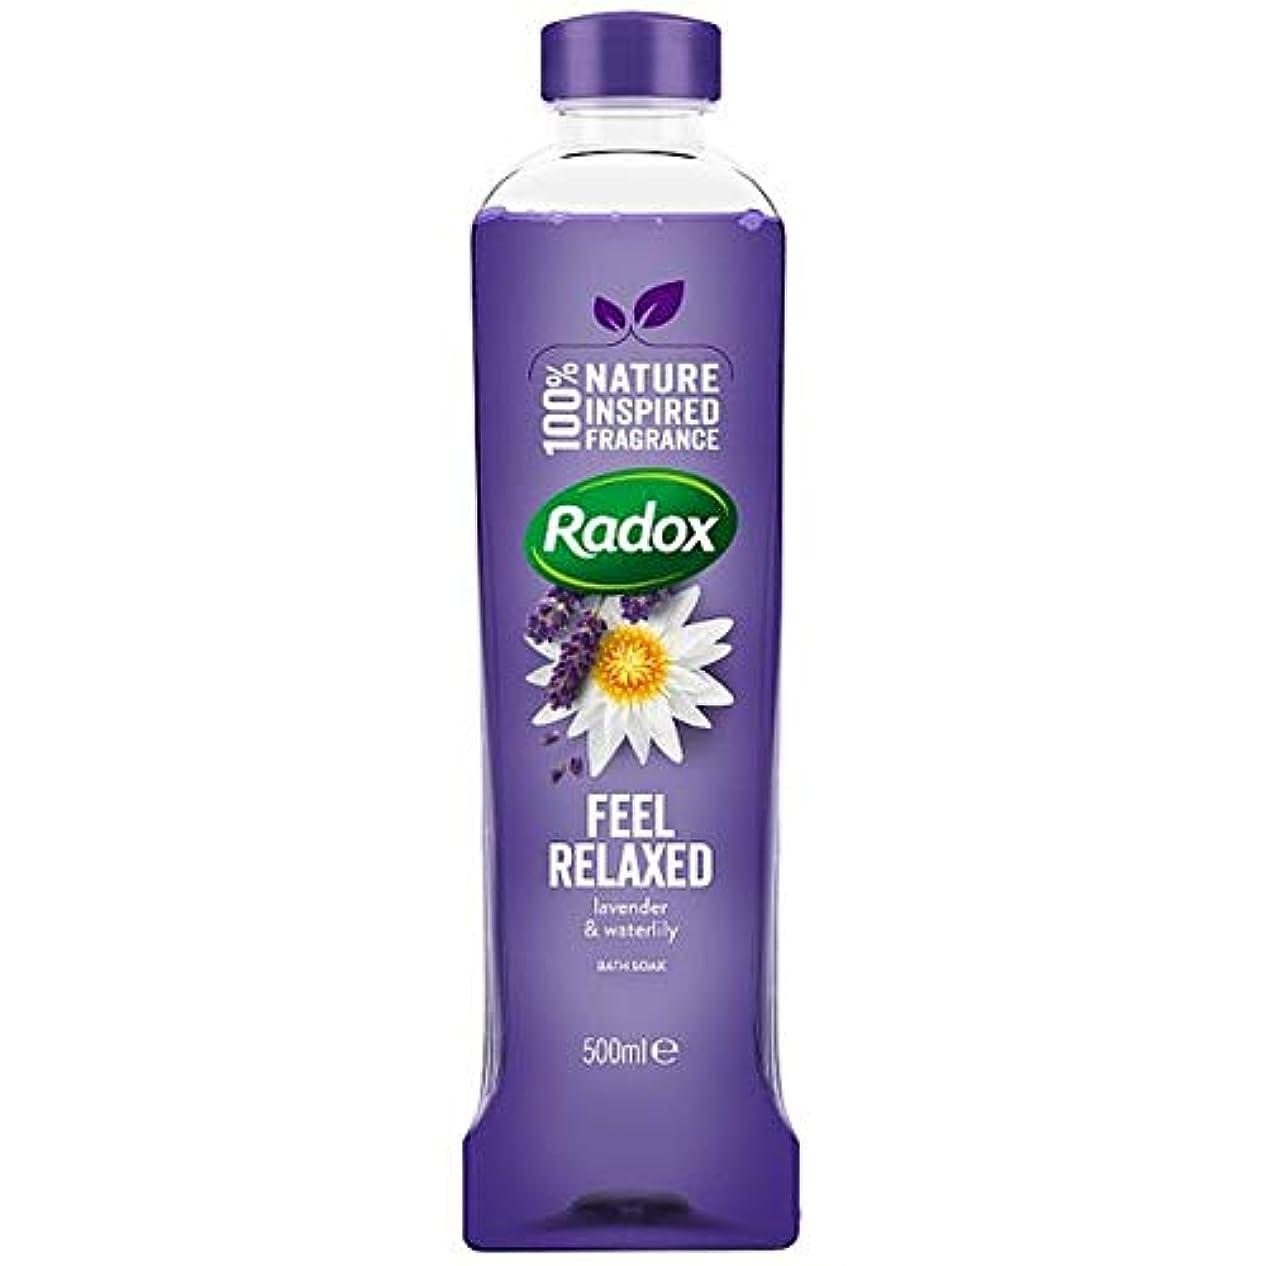 とても多くの記念日兵器庫[Radox] Radoxは、500ミリリットルのソークリラックスしたお風呂を感じます - Radox Feel Relaxed Bath Soak 500Ml [並行輸入品]